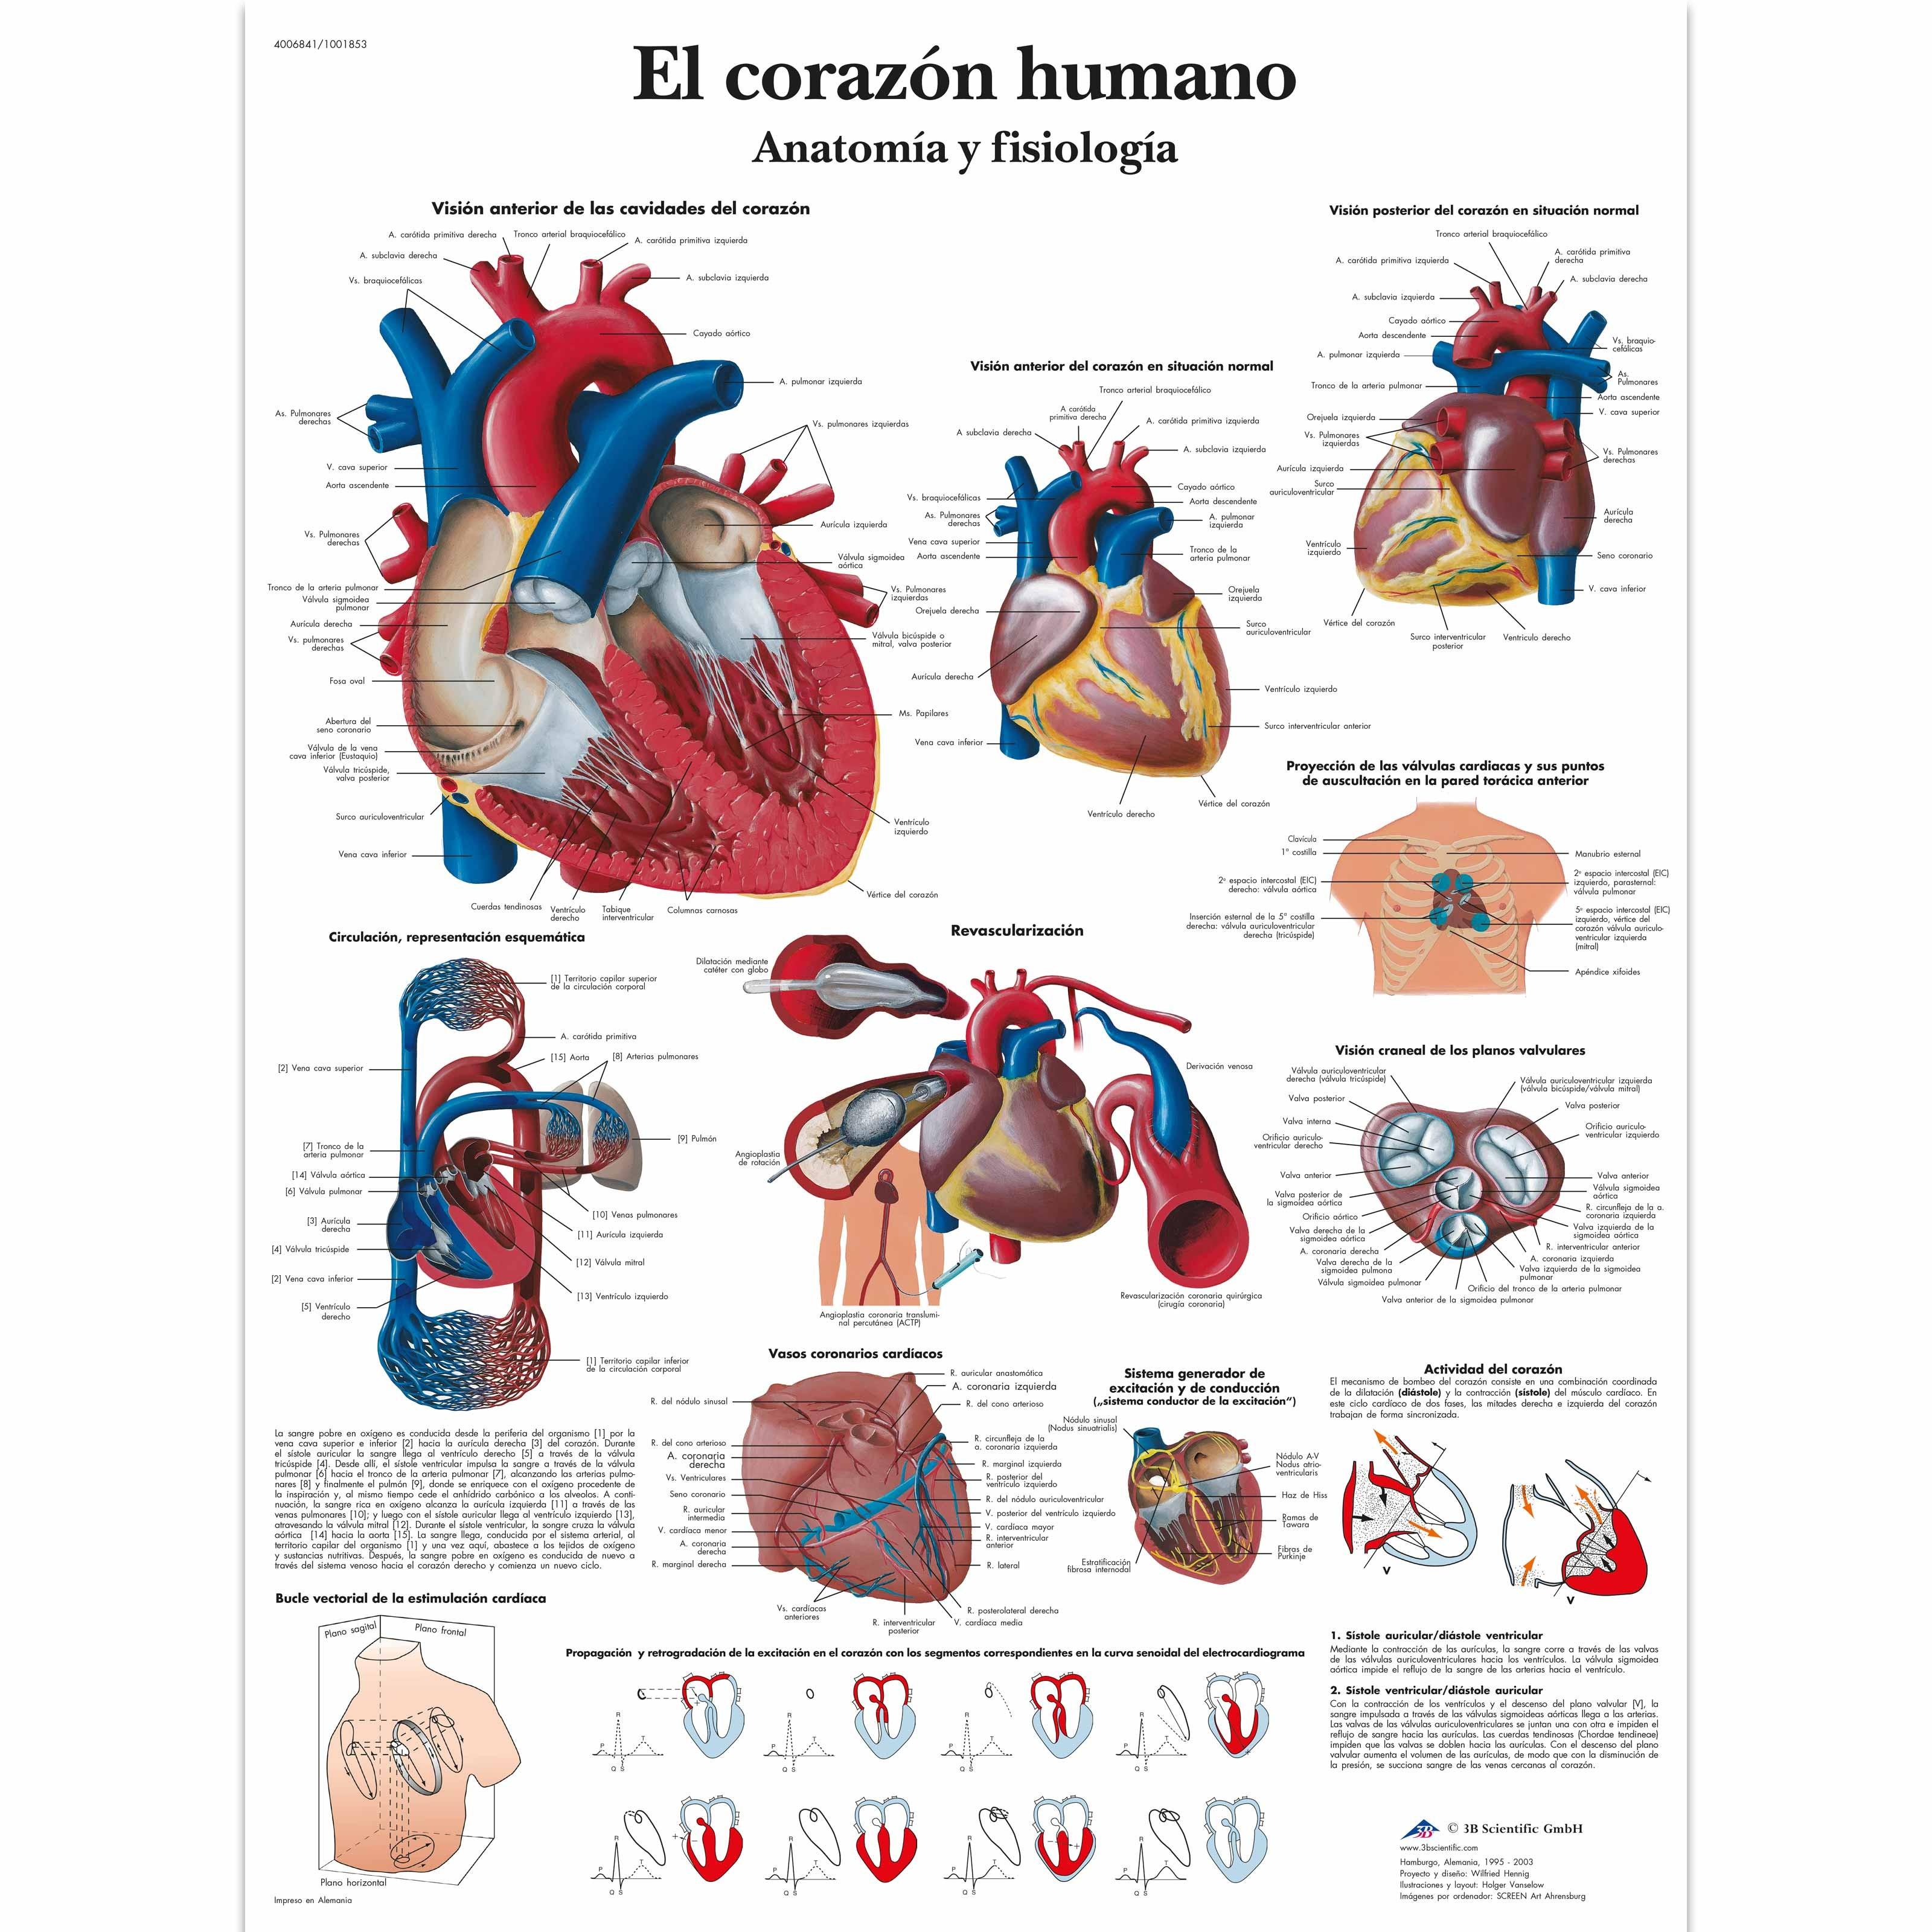 El corazón humano – Anatomía y fisiología Lámina | Anatomical 3D